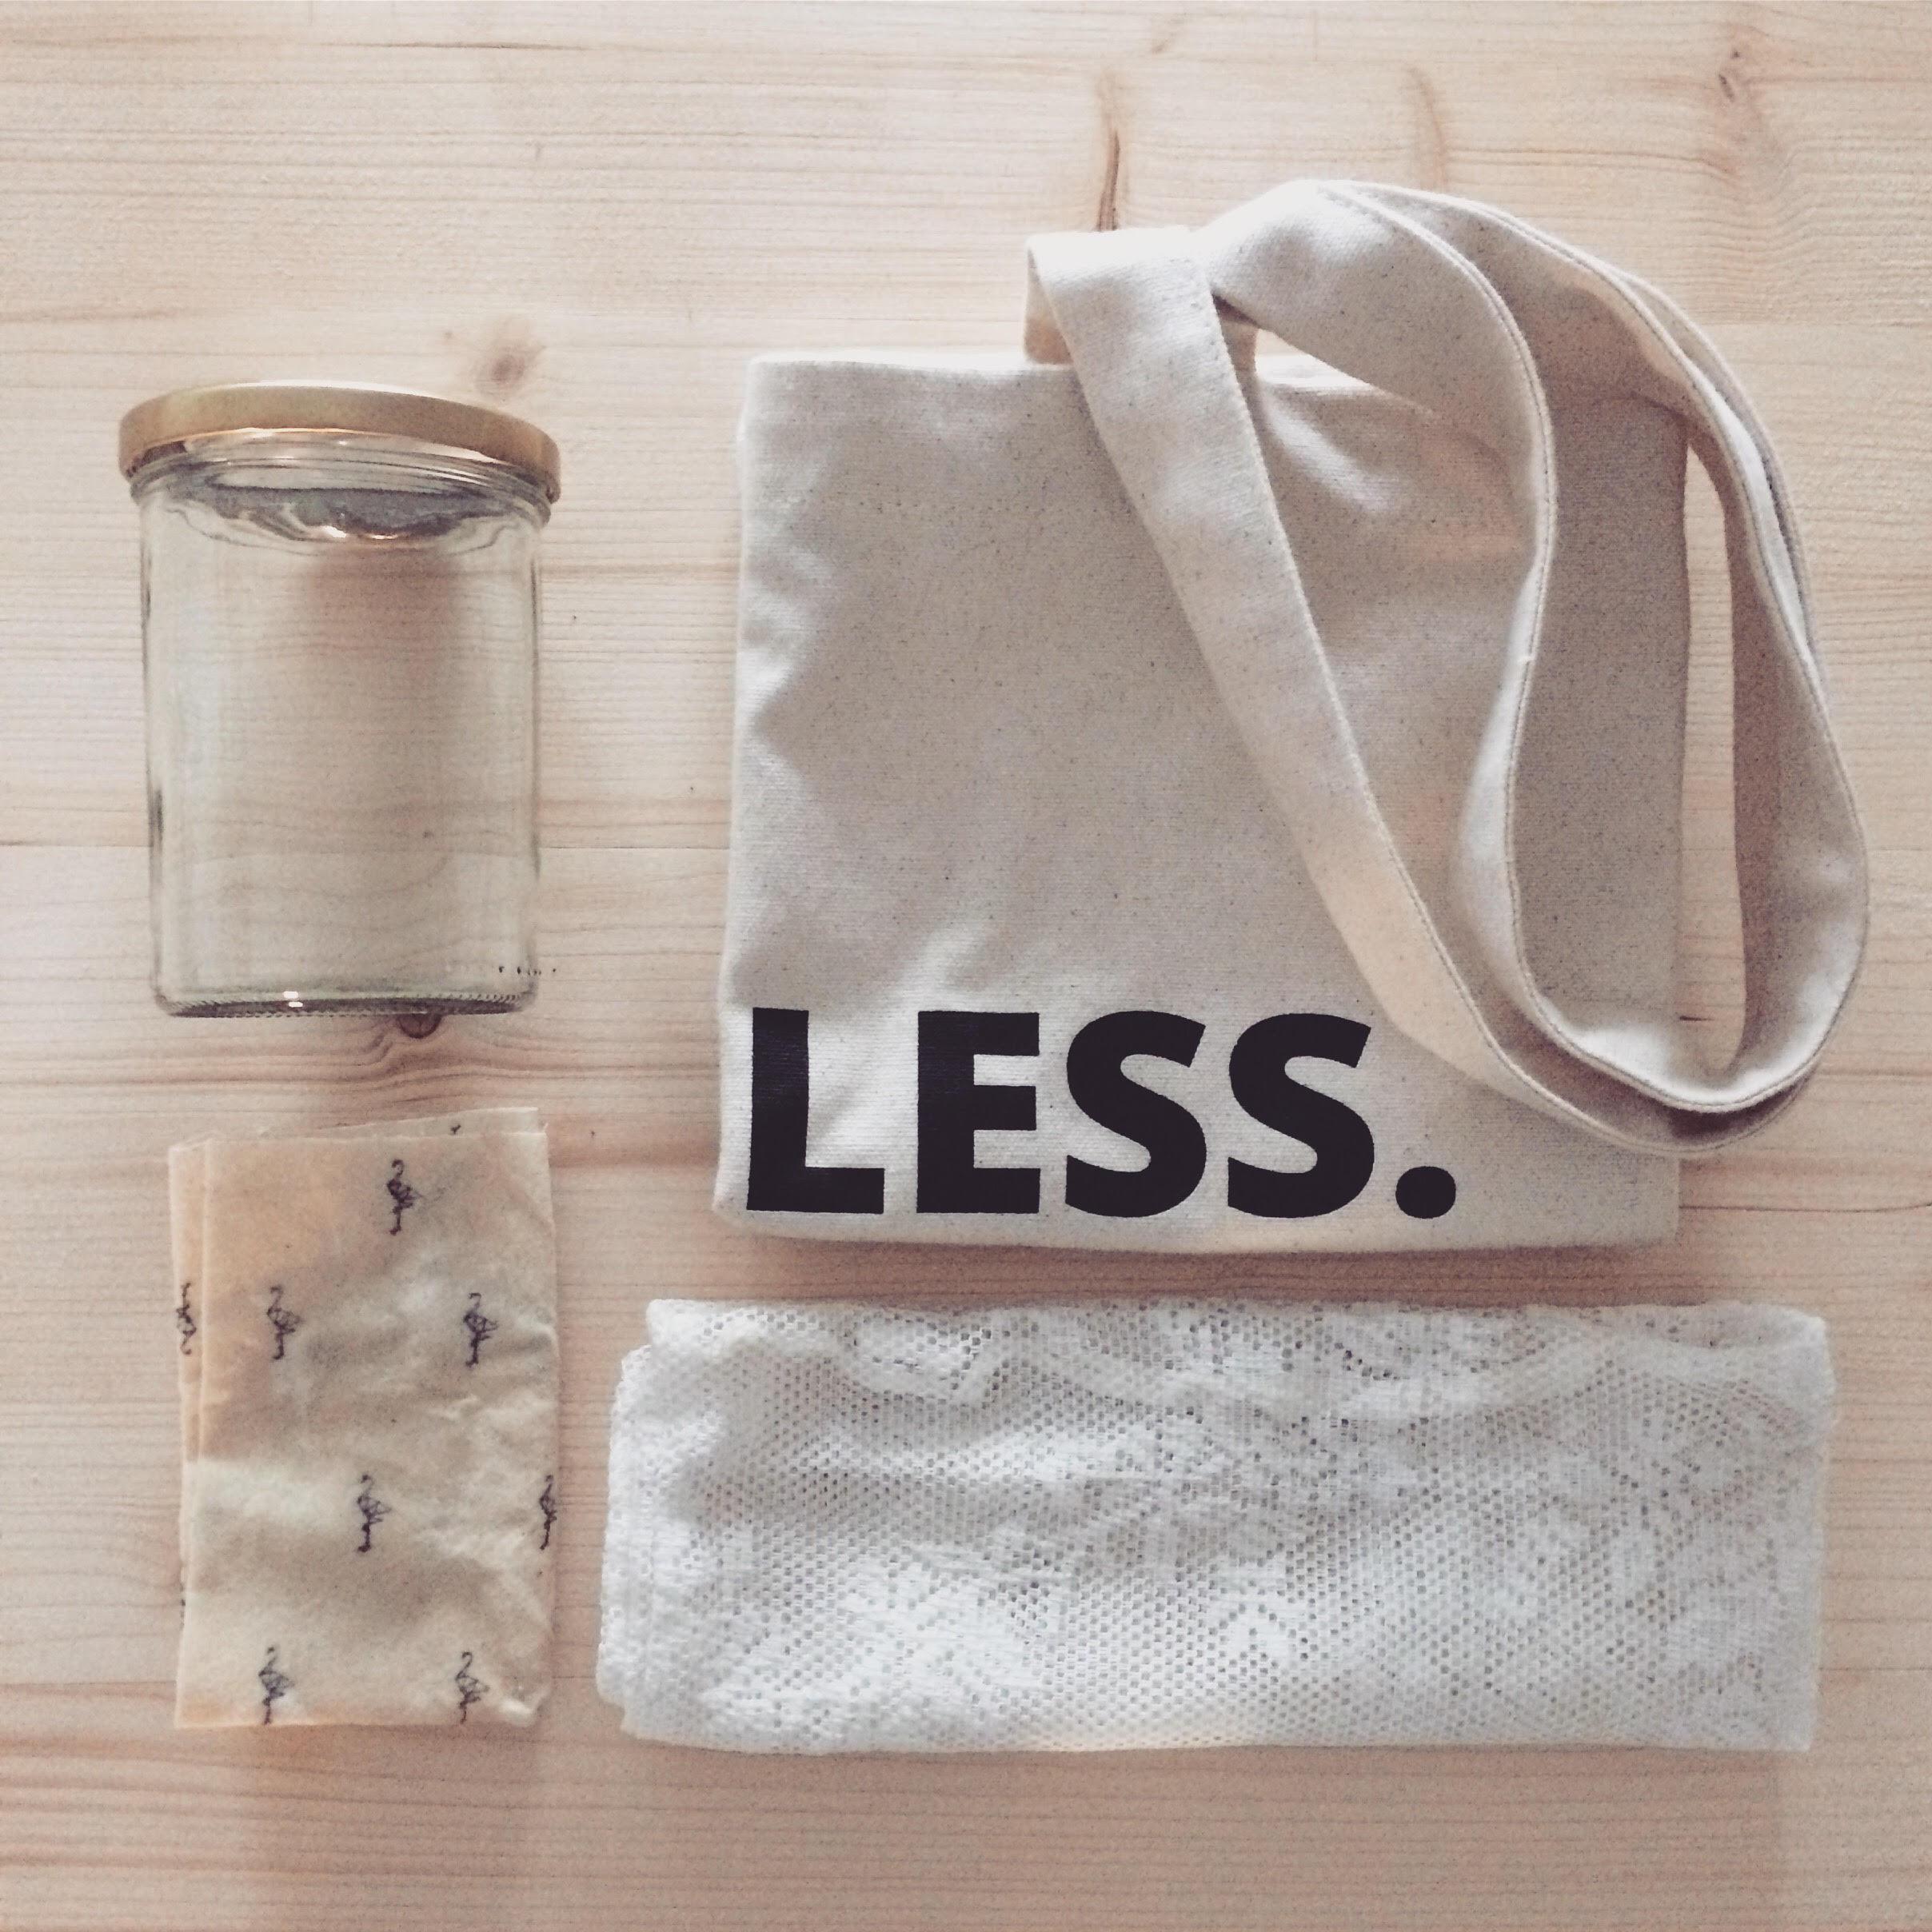 So, 31.03. 14-15 Uhr: Einkauf - Unverpacktes Einkaufen, lebendiges Markterlebnis, Fokus behalten im Supermarkt. Weniger Müll produzieren, mehr Kreativität und Natürlichkeit in der Küche.